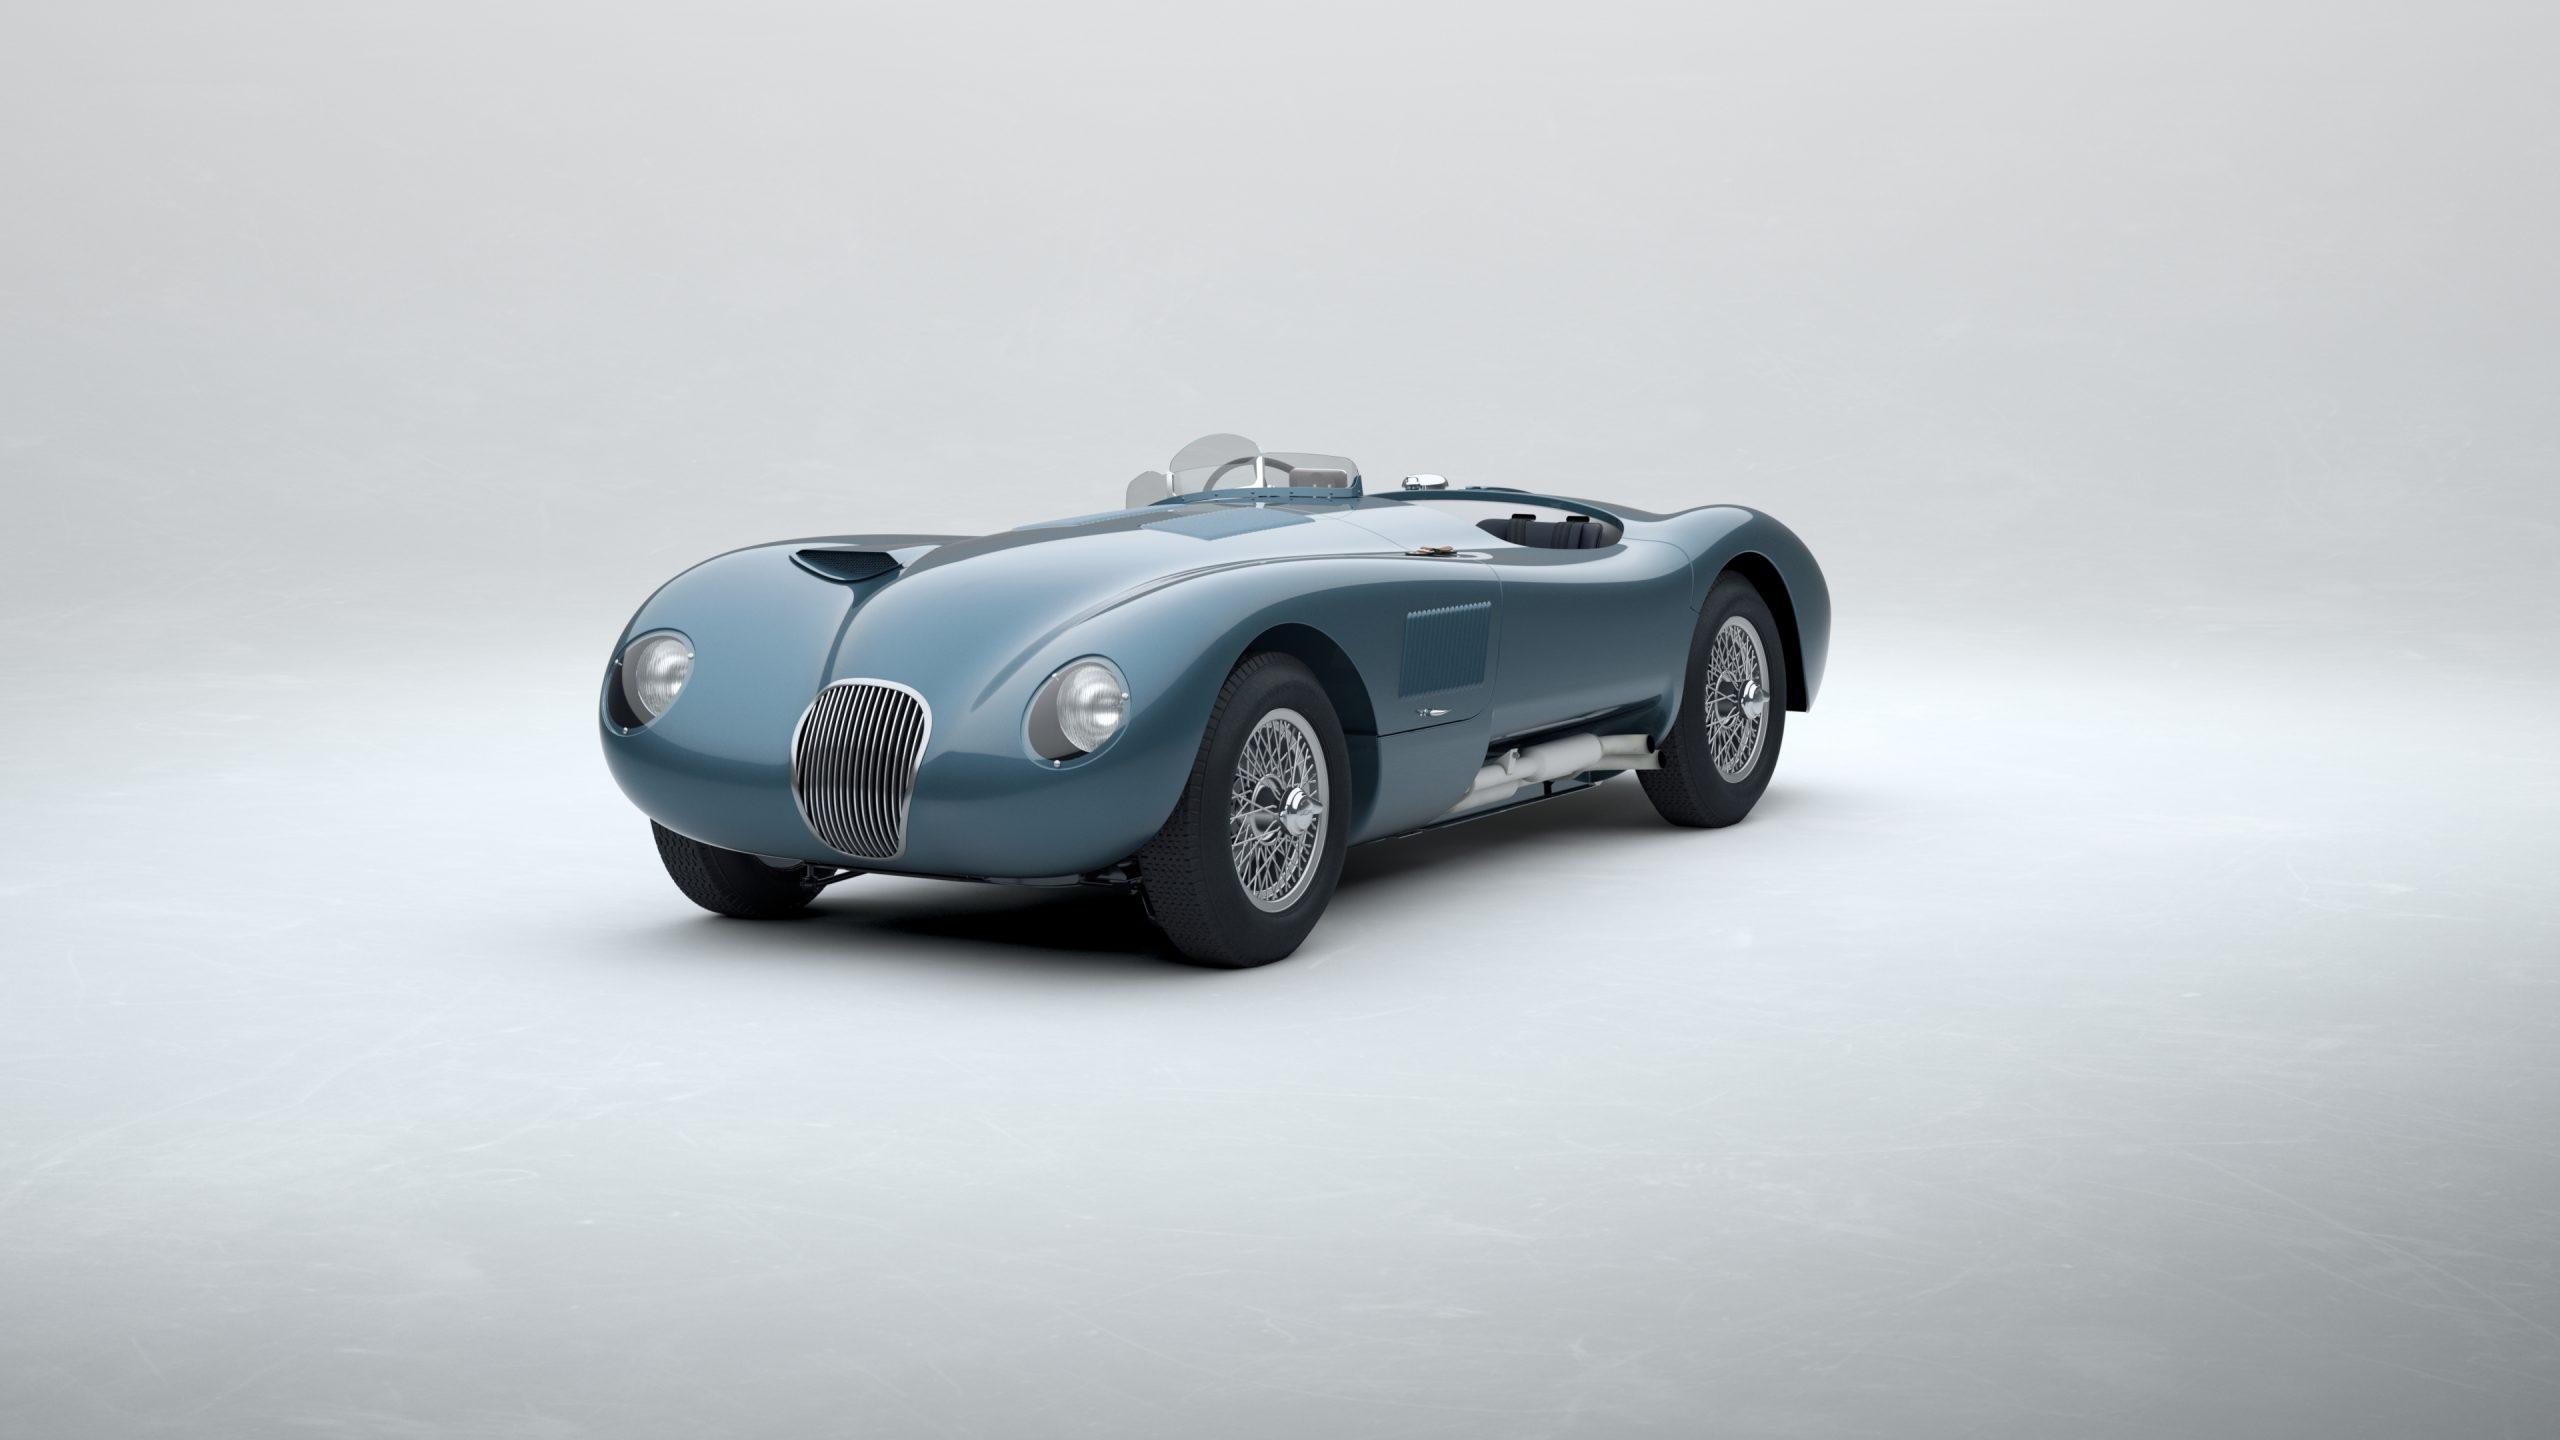 Jaguar Classic C-type_Metallic Blue